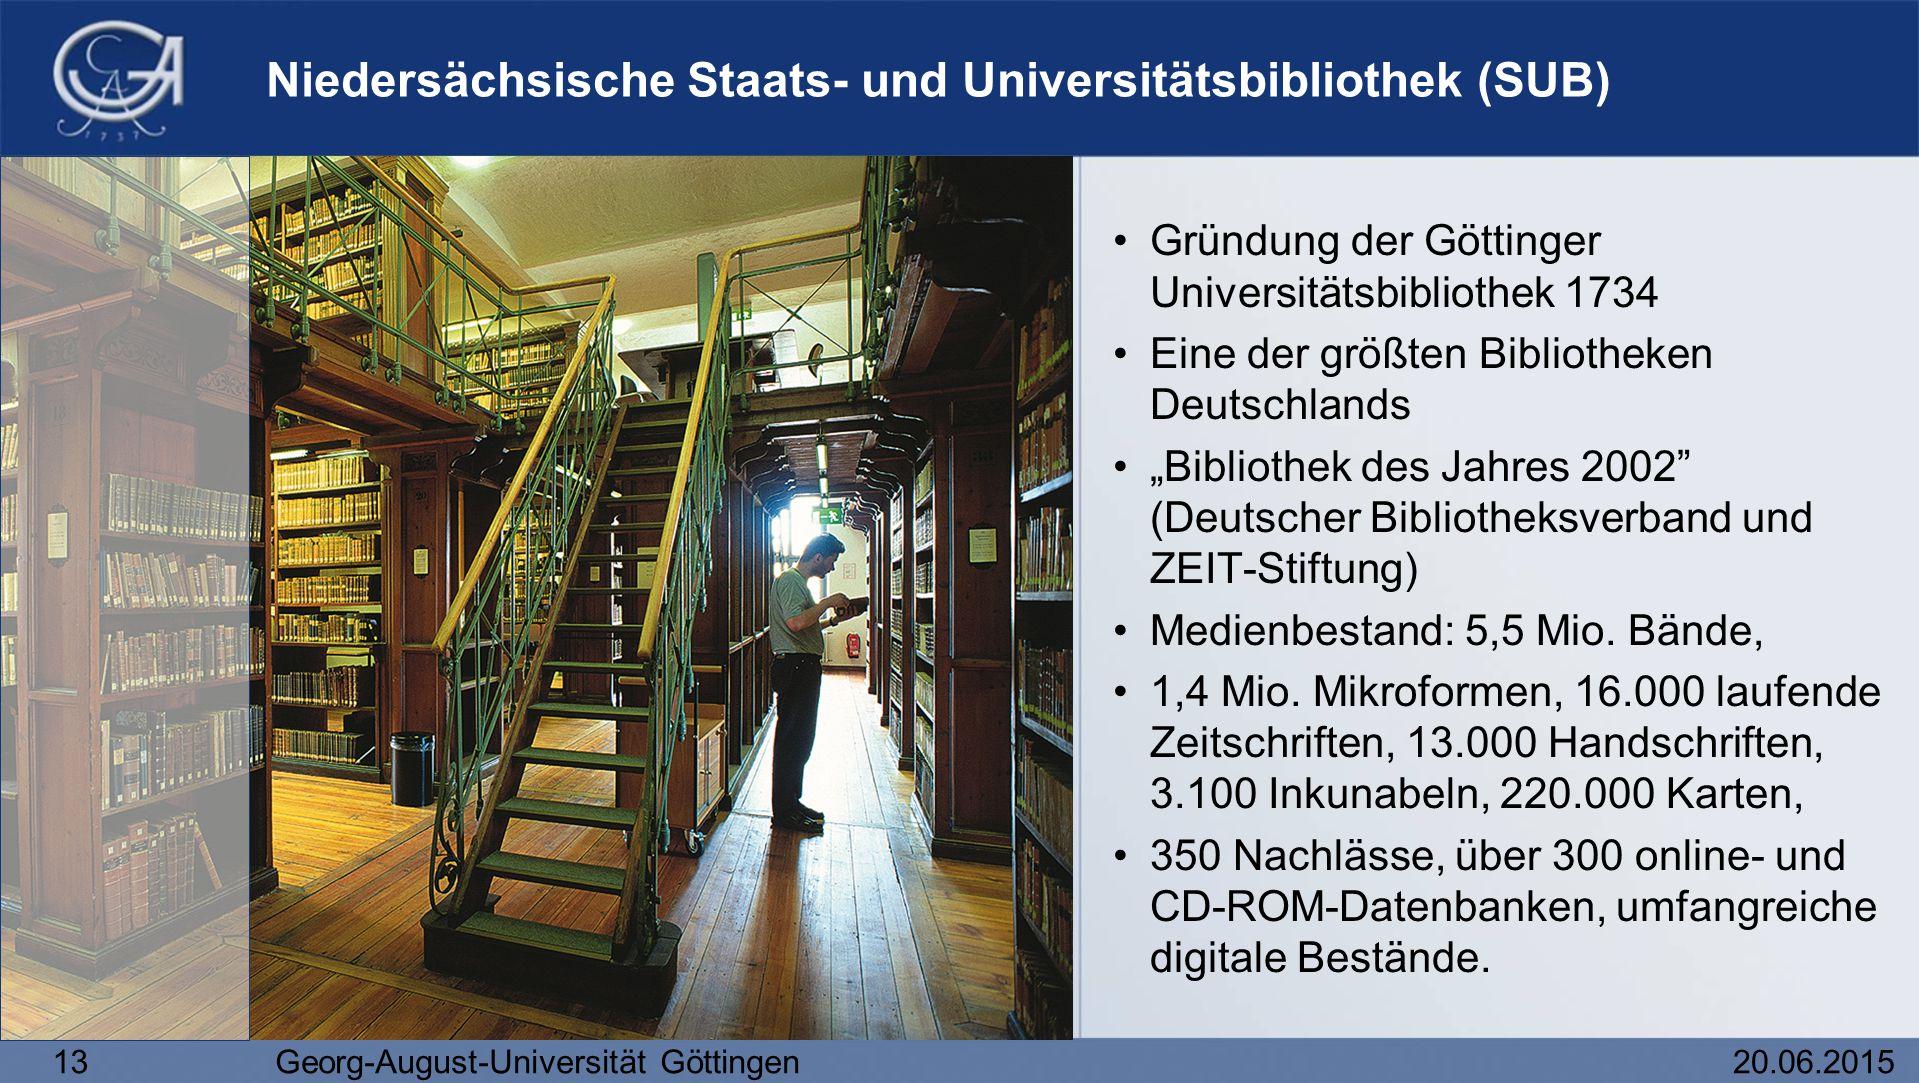 Niedersächsische Staats- und Universitätsbibliothek (SUB)